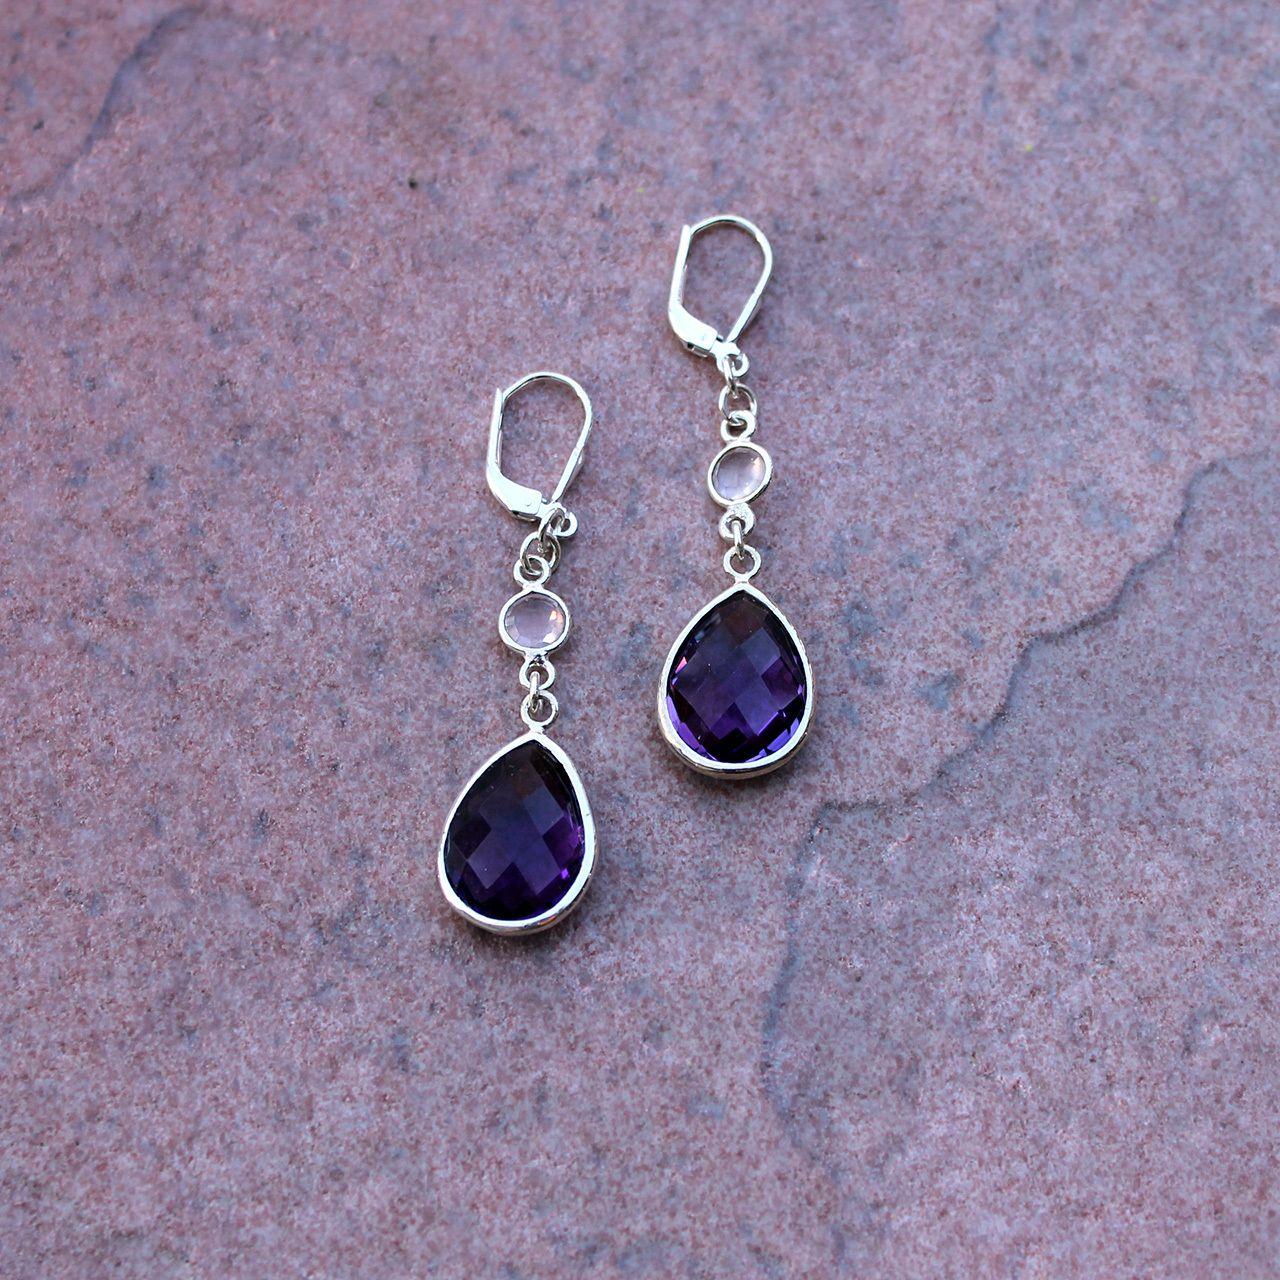 Amethyst drops earrings cavossa designs my earrings pinterest